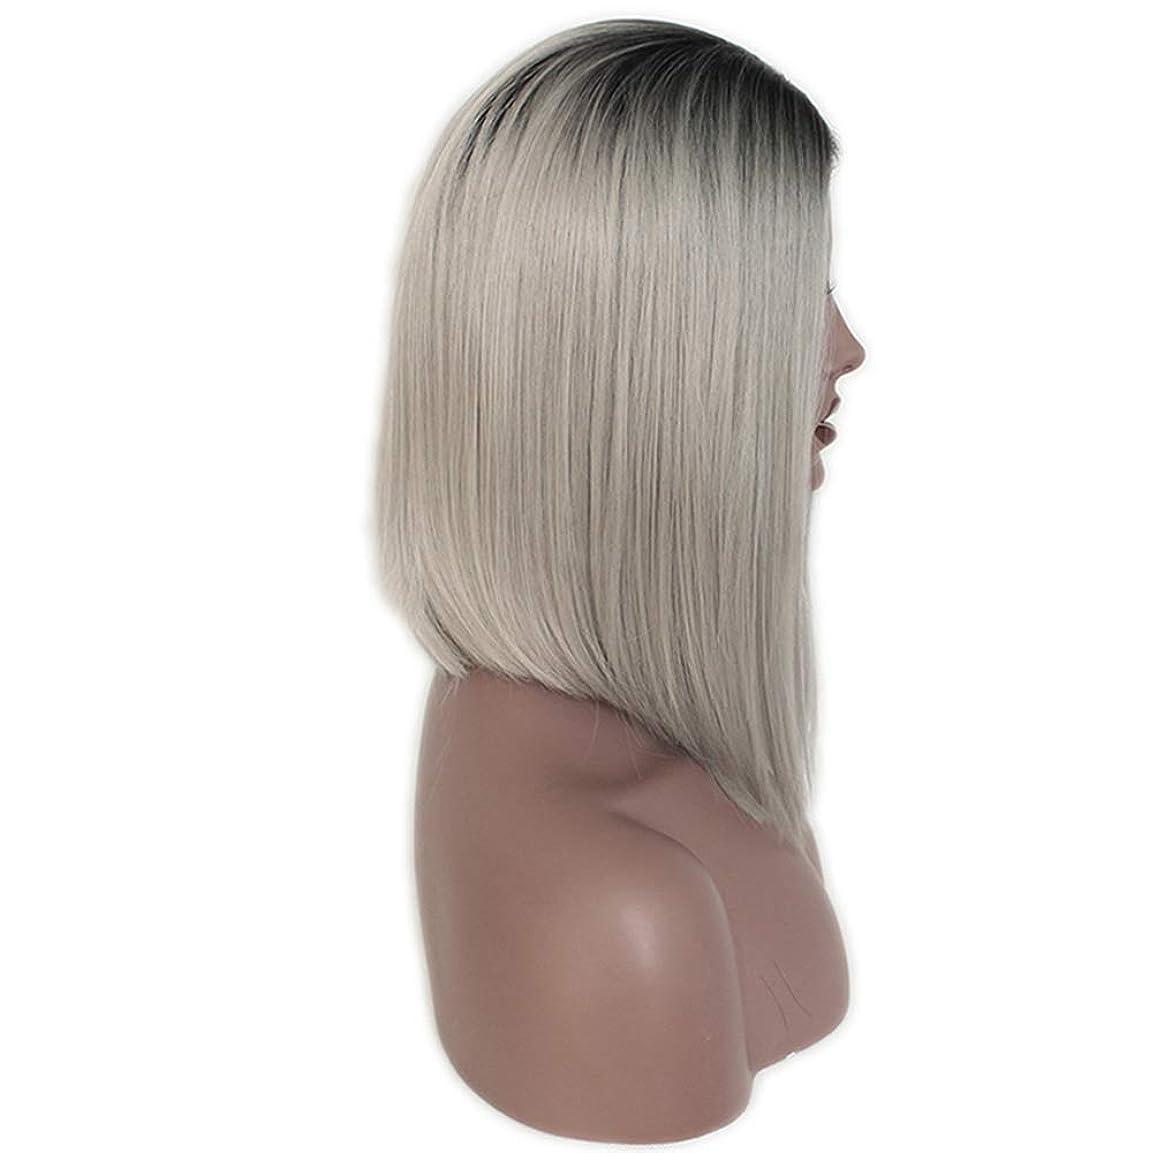 スカートハンディコート女性フルレースかつらストレートグルーレス合成と赤ちゃんの髪フルヘッドヘアウィッグ130%密度グレーグラデーション14インチ